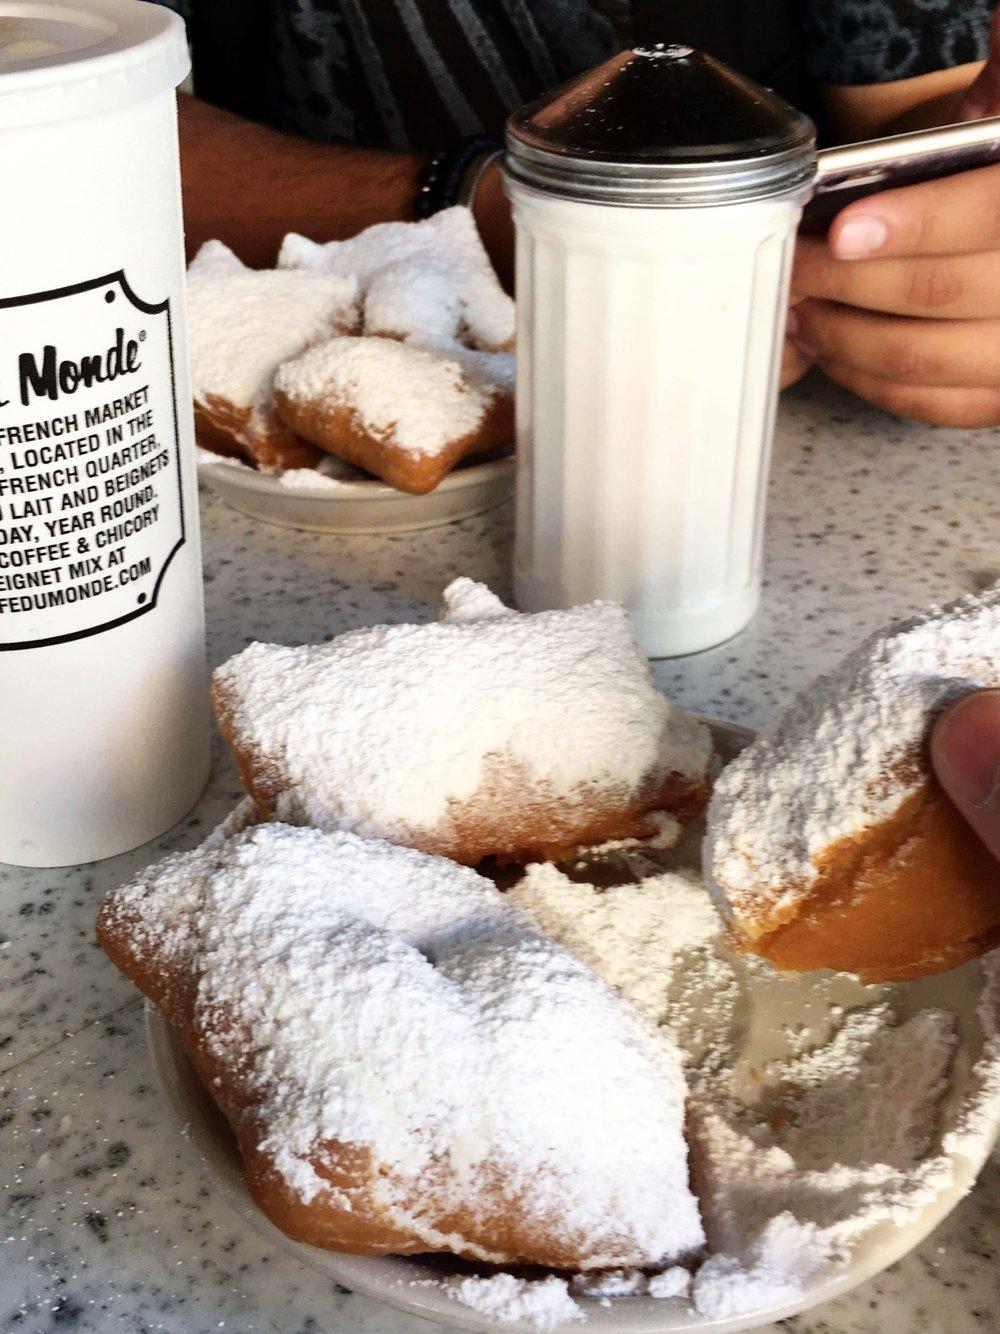 Cafe-du-monde-new-orleans.jpg